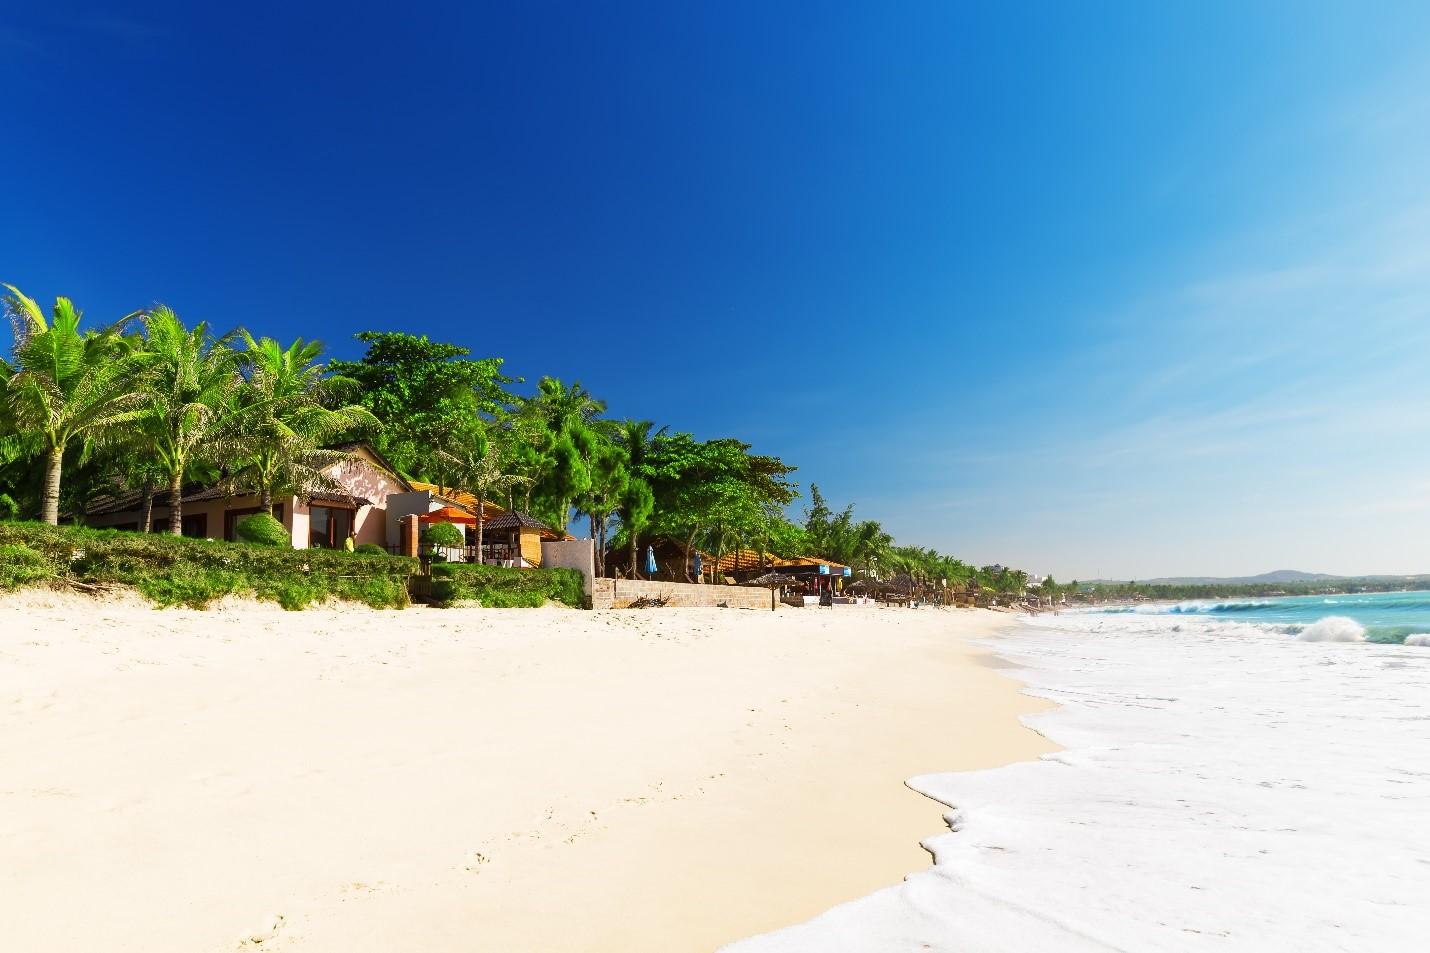 Với đầy đủ tiềm năng phát triển du lịch, Phan Thiết là một trong những thiên đường nghỉ dưỡng đặc sắc trong khu vực. Ảnh: Novaland.